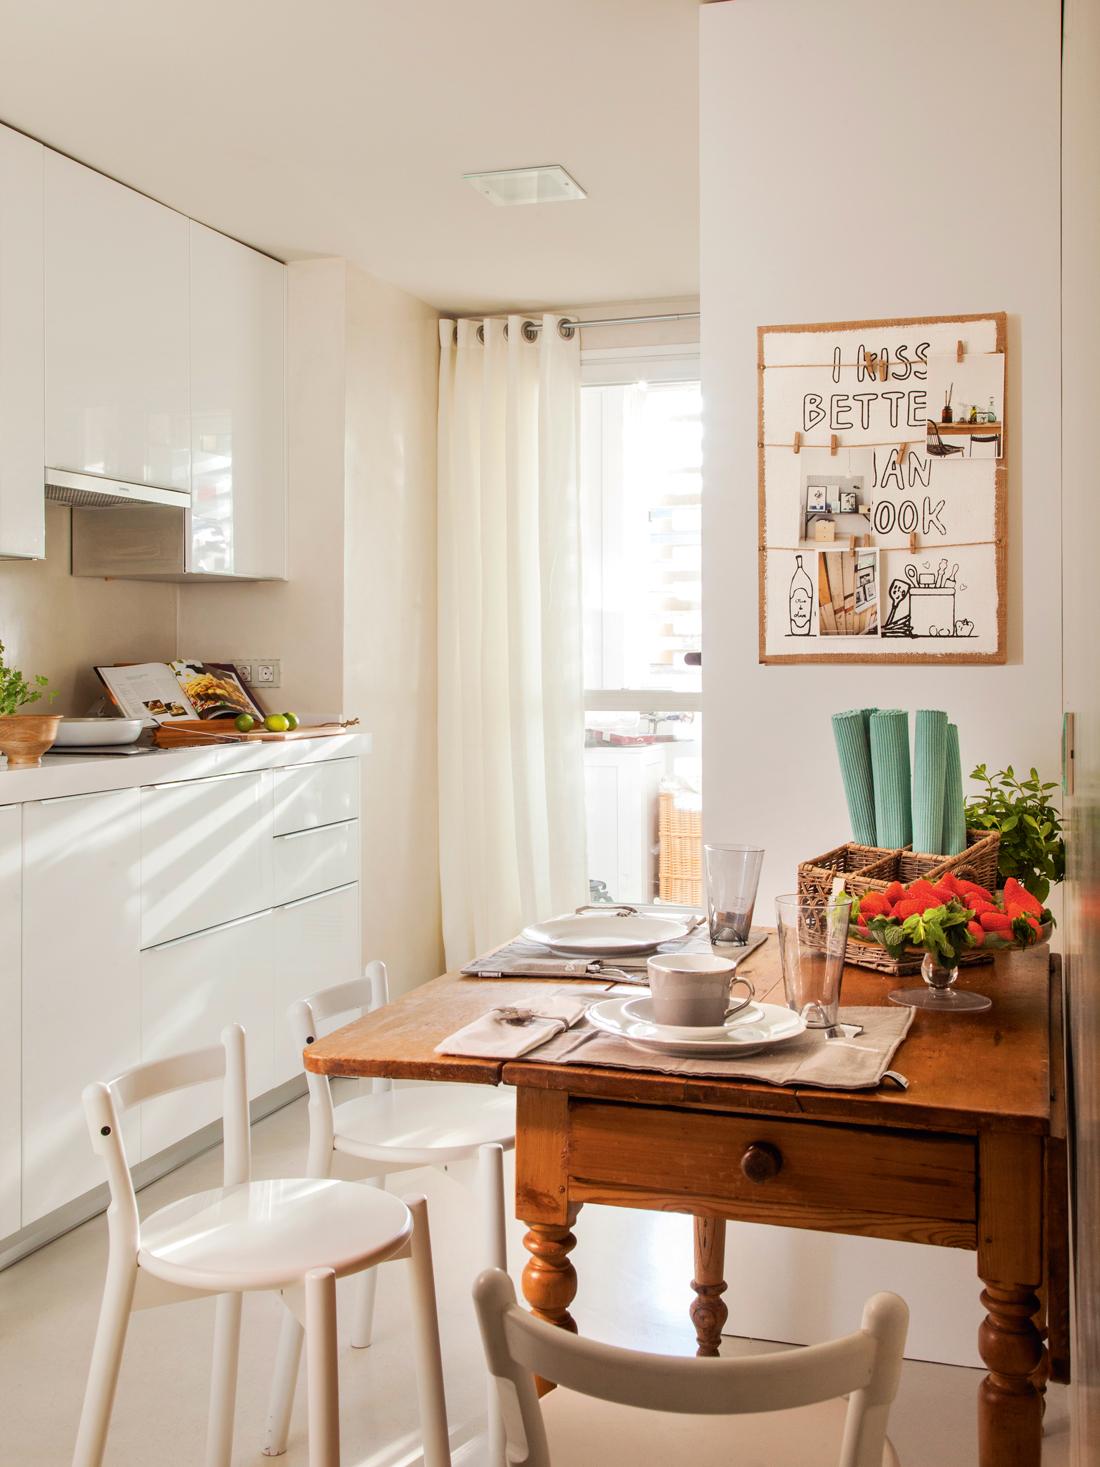 Dale color a tu cocina blanca for Tu cocina online